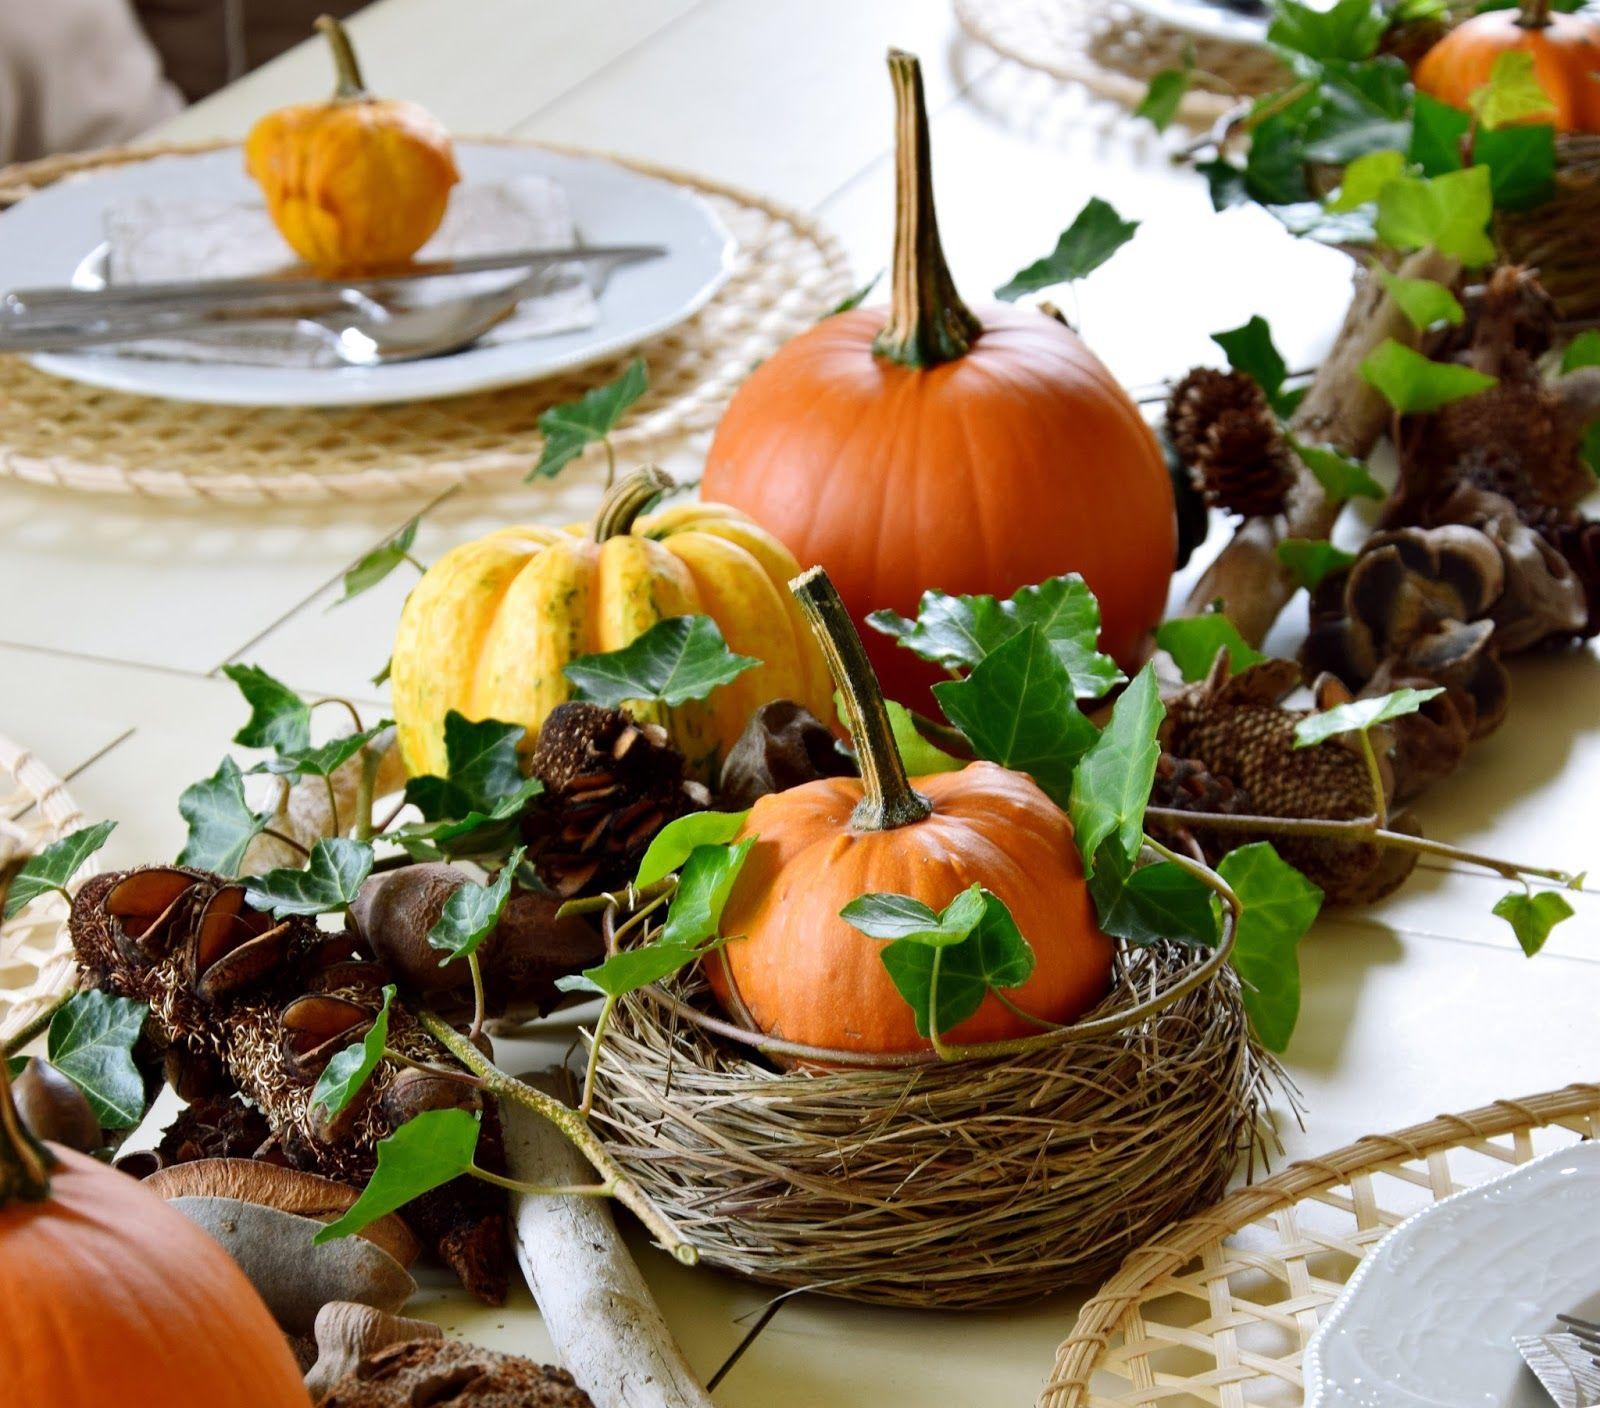 Herbstliche tischdeko mit k rbissen mein blog eclectic hamilton dekoideen diy und wohnen - Herbstlich dekorieren mit naturmaterialien ...